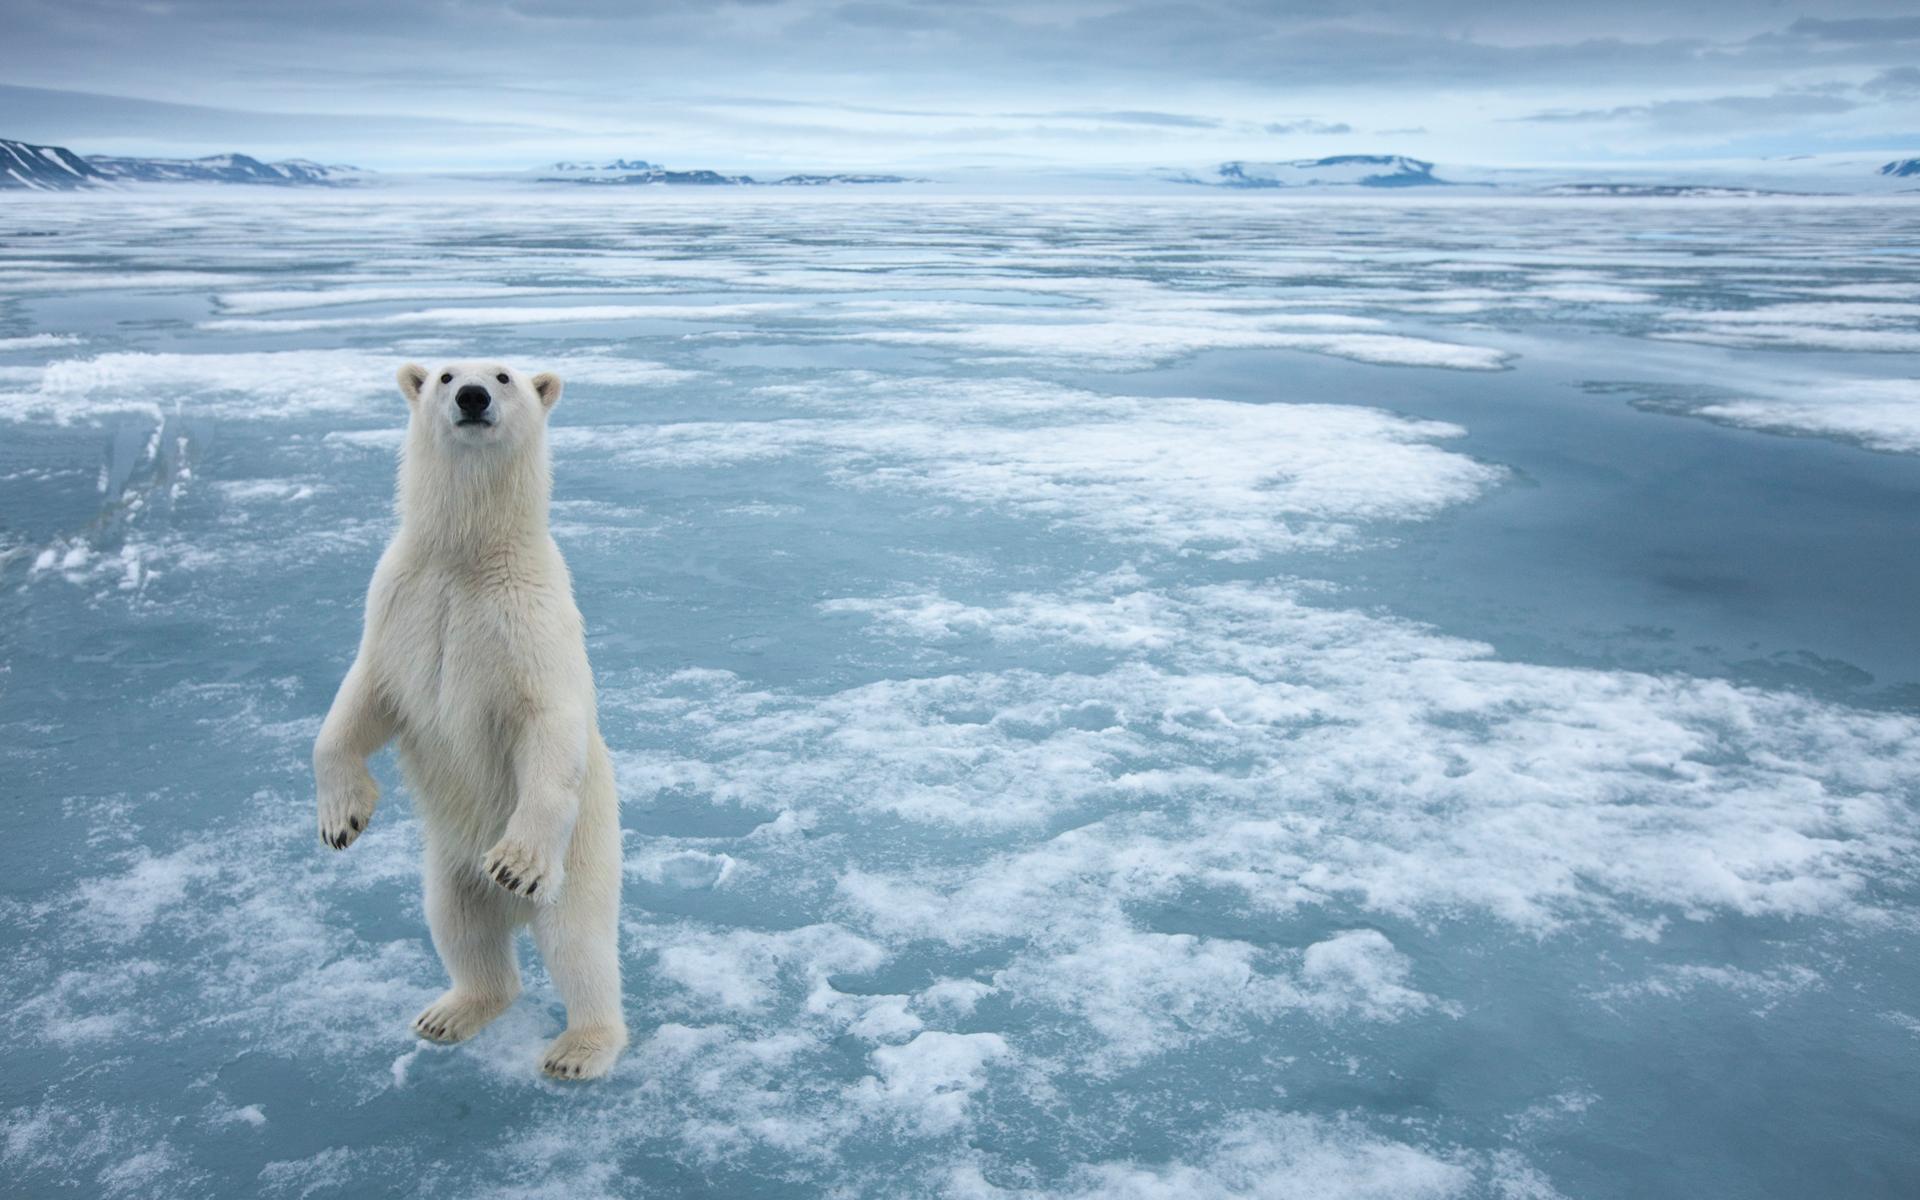 http://3.bp.blogspot.com/_W1ueYt1O3xs/TT7ZB-e9eqI/AAAAAAAAXsc/y5mFh2GH0sQ/d/arctic+wallpapers+%25286%2529.jpg